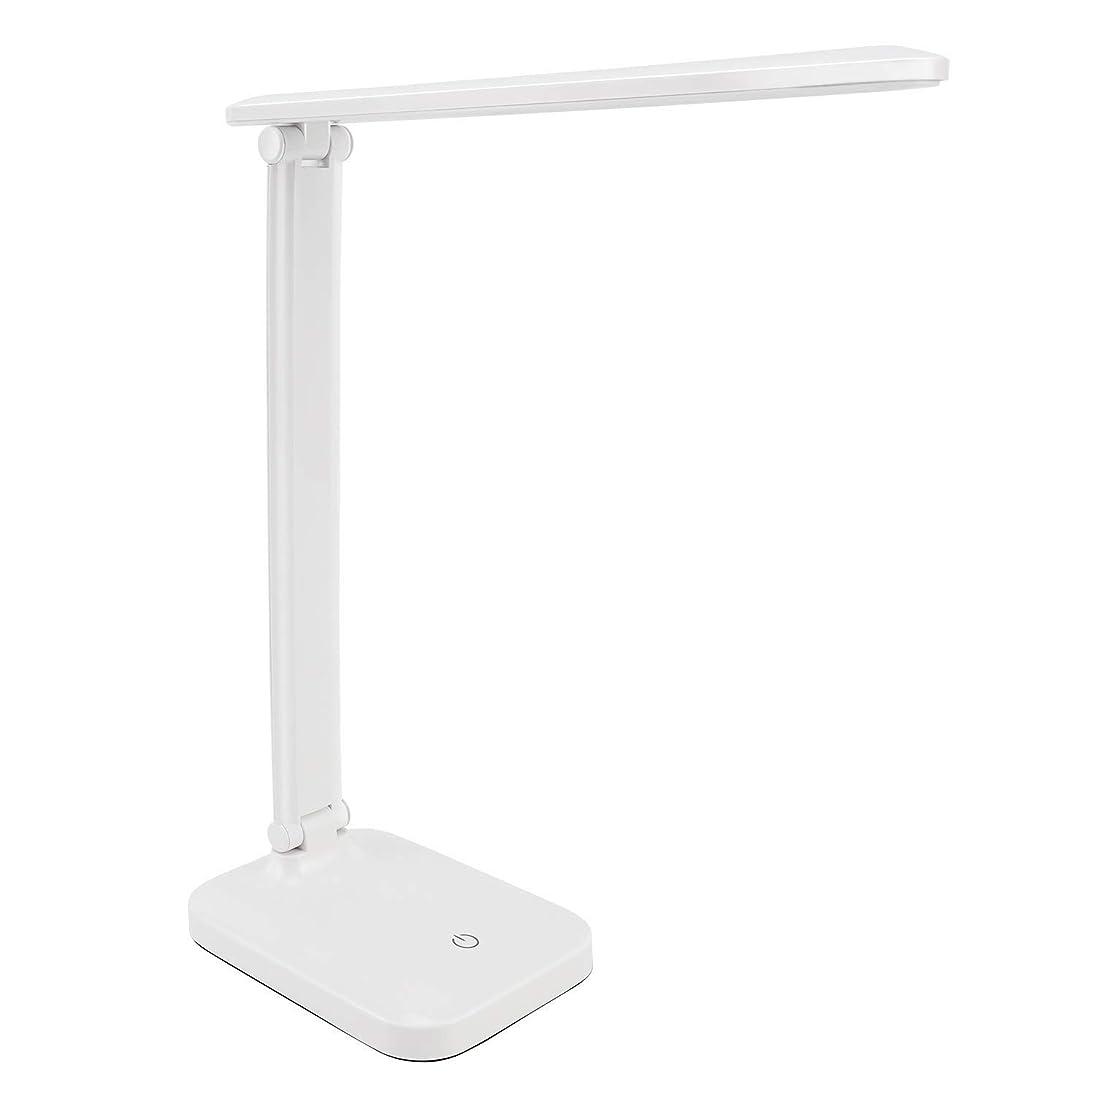 日曜日サラミ拳FAMII LED デスクライト 電気スタンド 卓上ライト USB充電コード付き タッチパネル機能 3段階光量調節 目に優しい ポータブル 省エネ